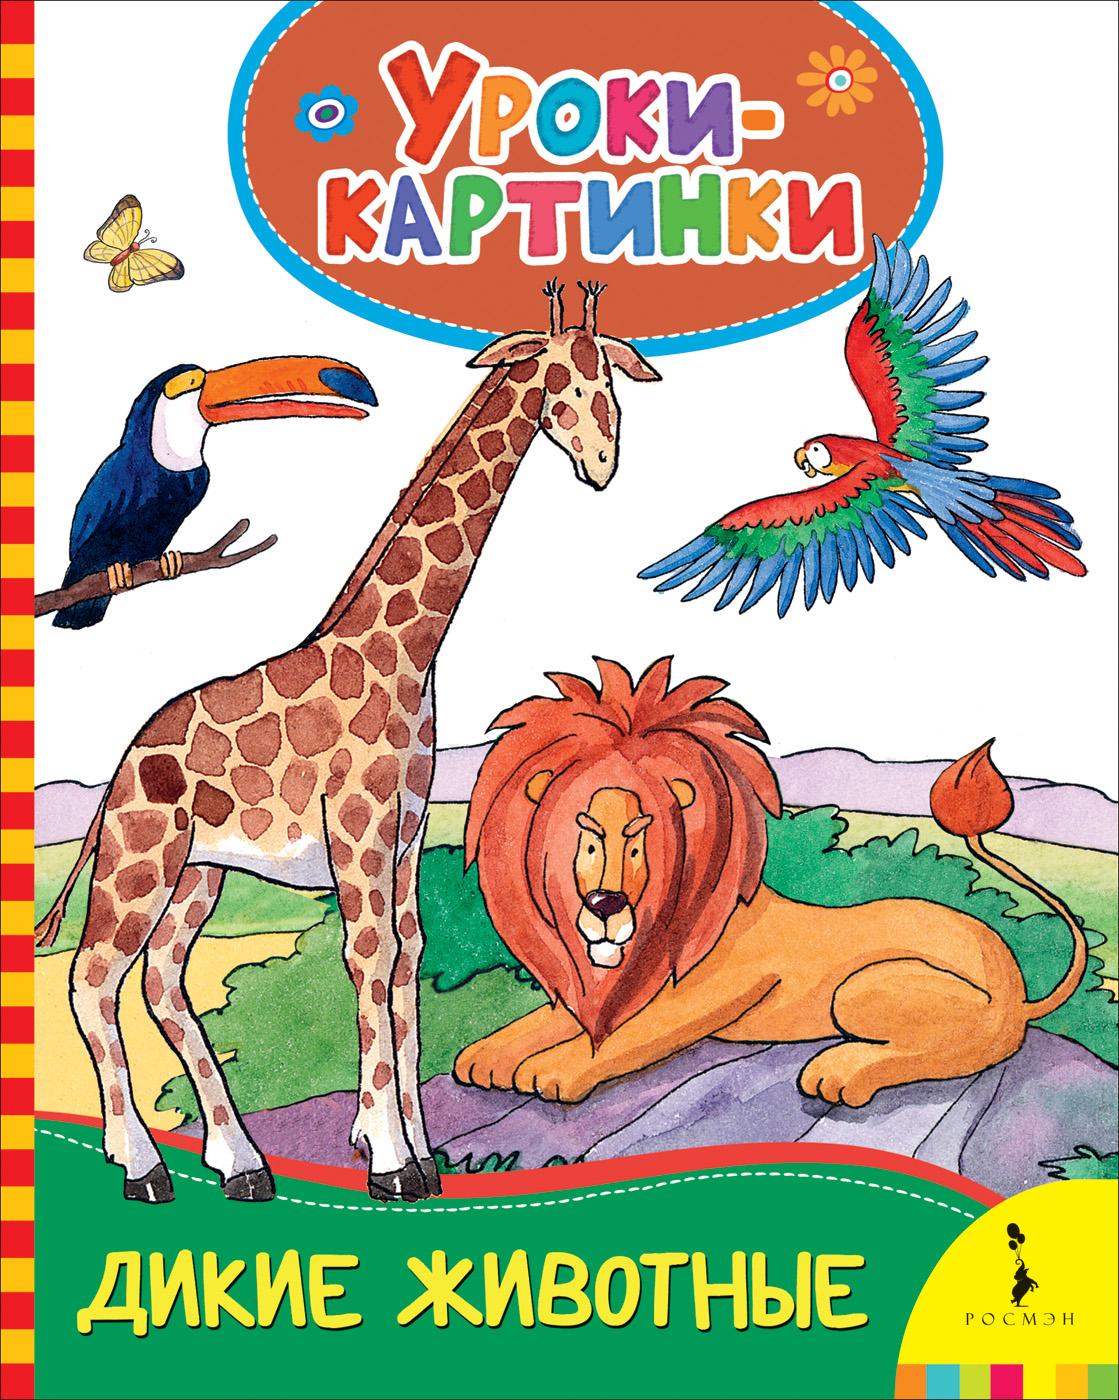 Мазанова Е. К. Дикие животные (Уроки-картинки)